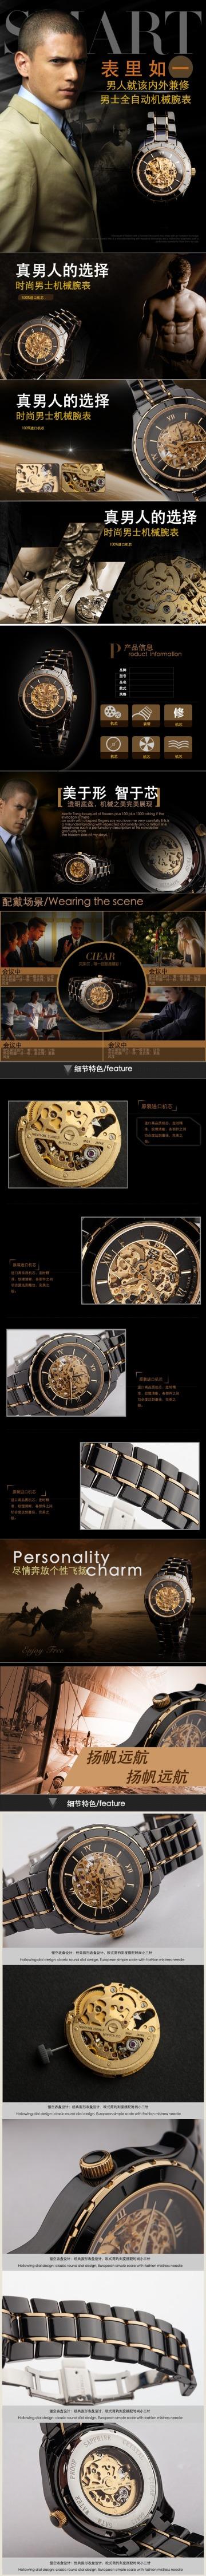 黑色时尚炫酷手表宣传营销电商宝贝详情